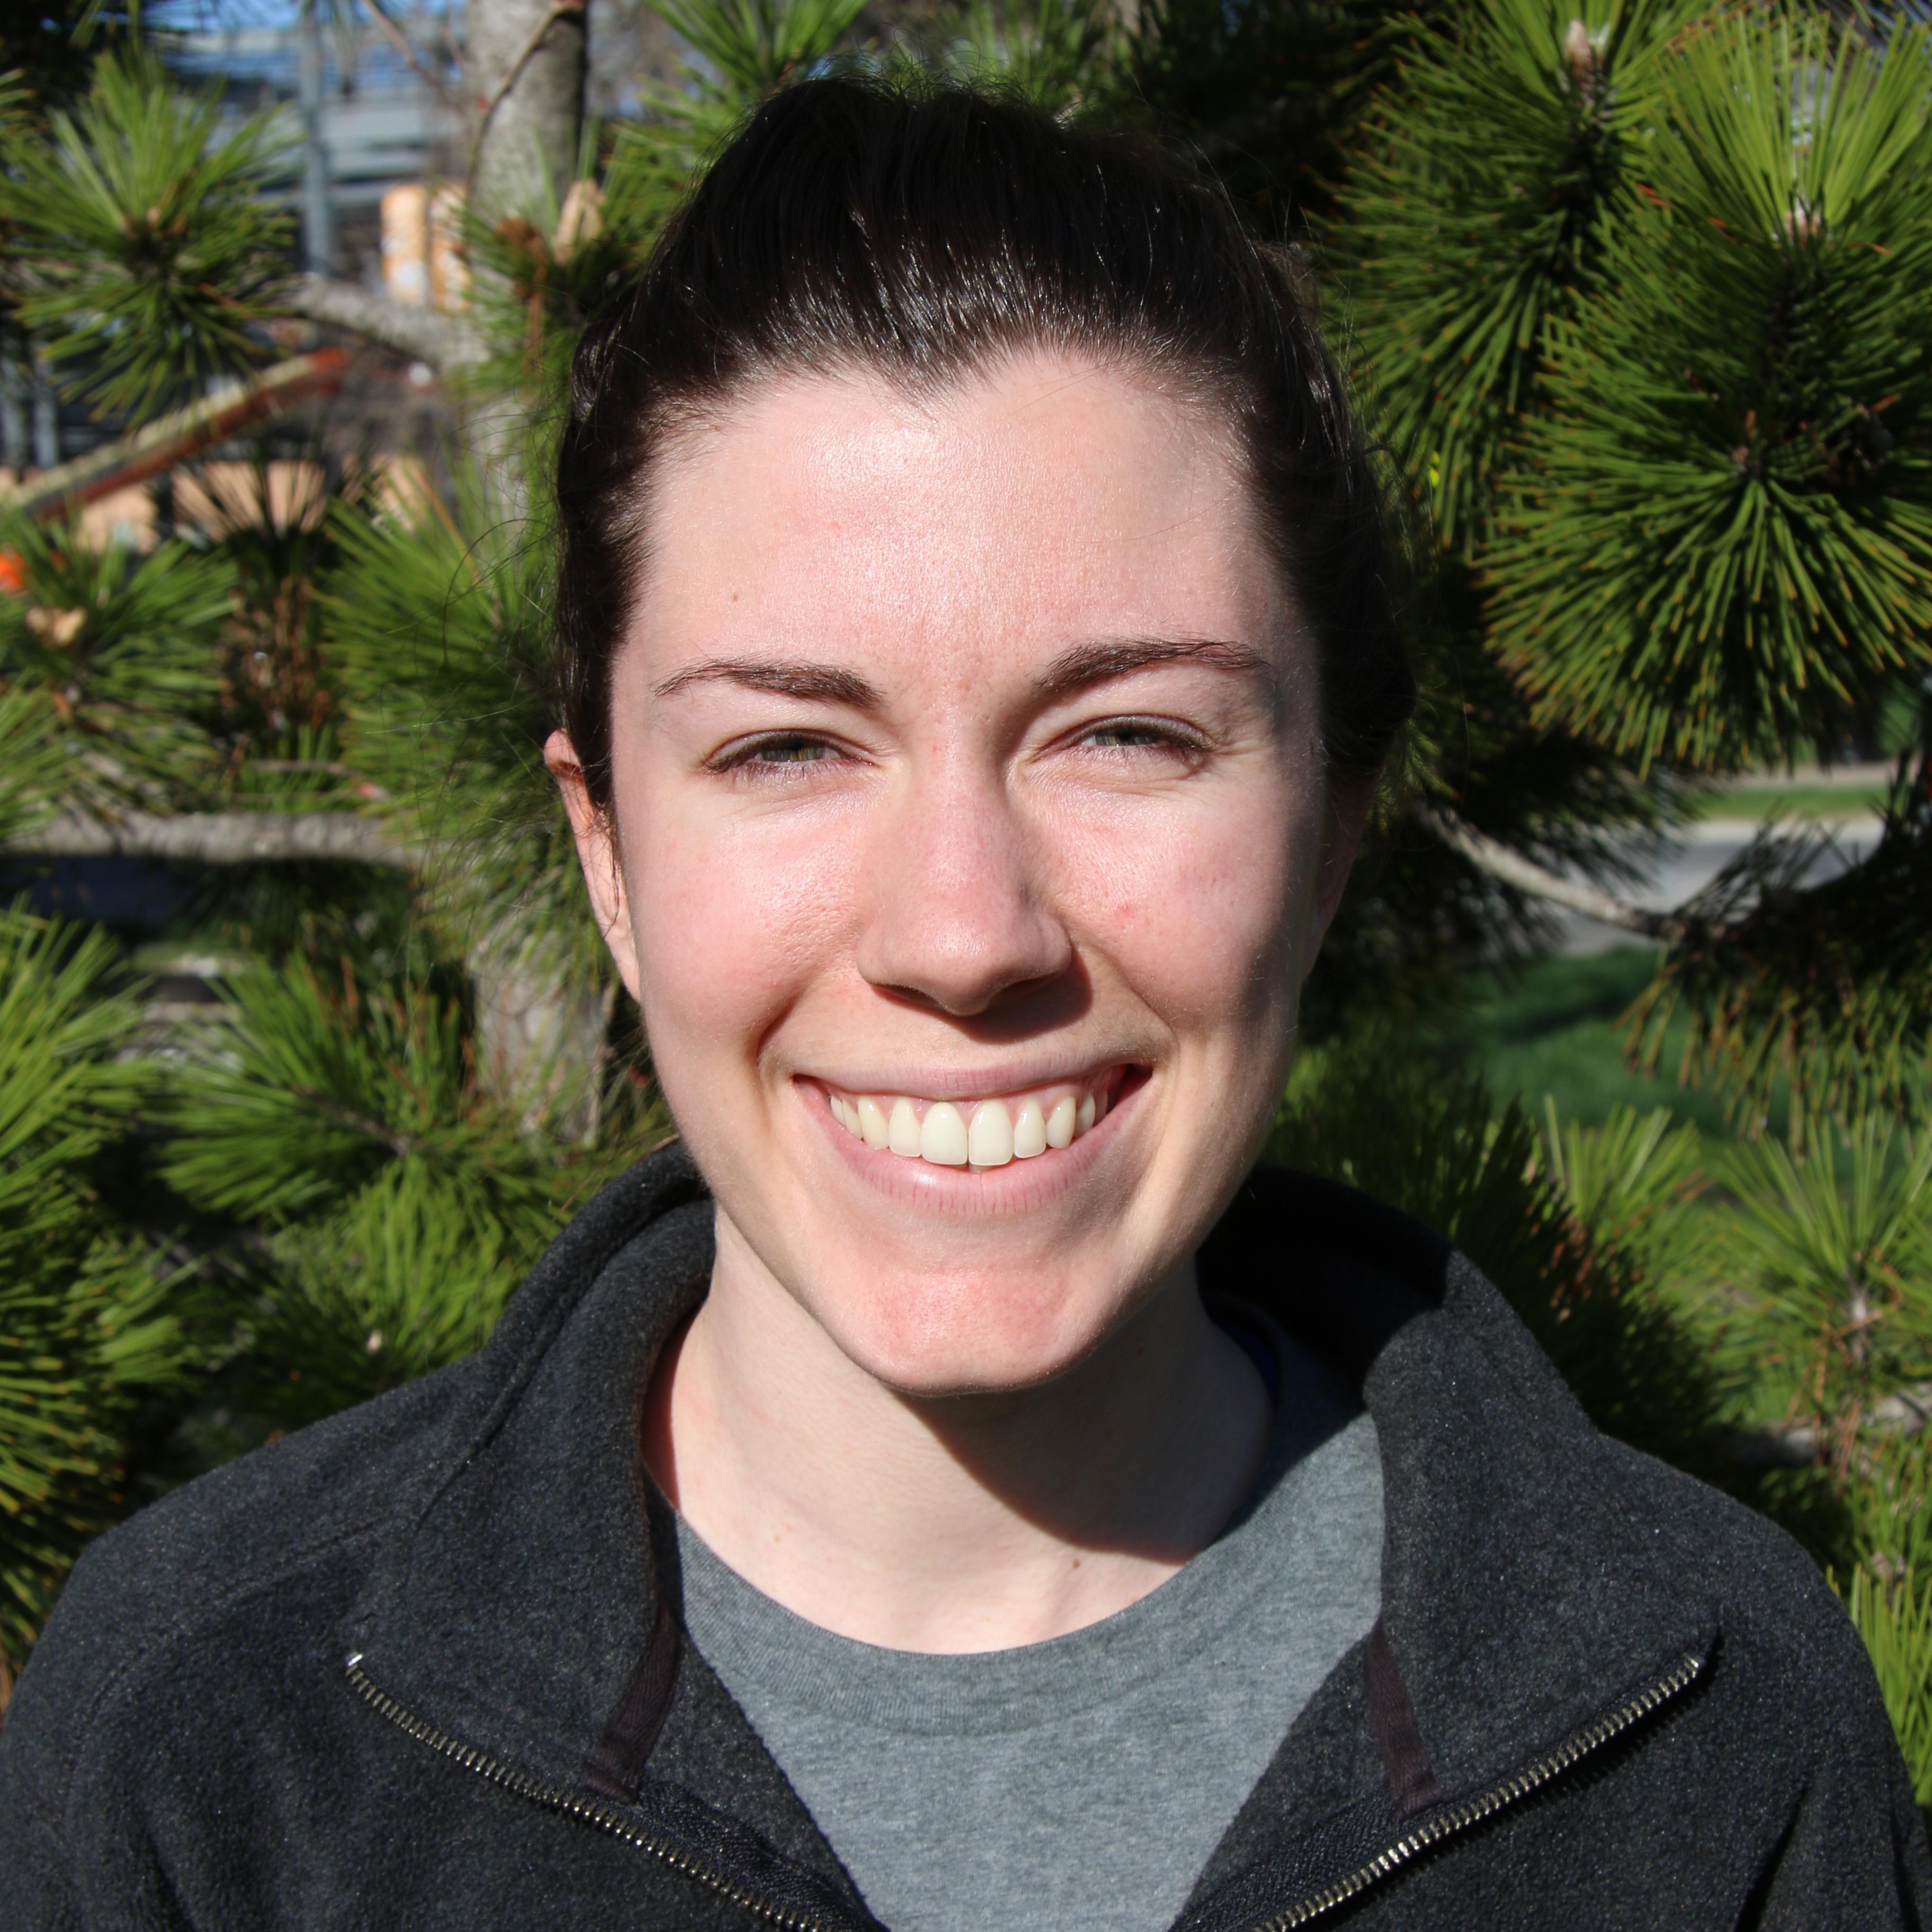 Samantha Dyroff